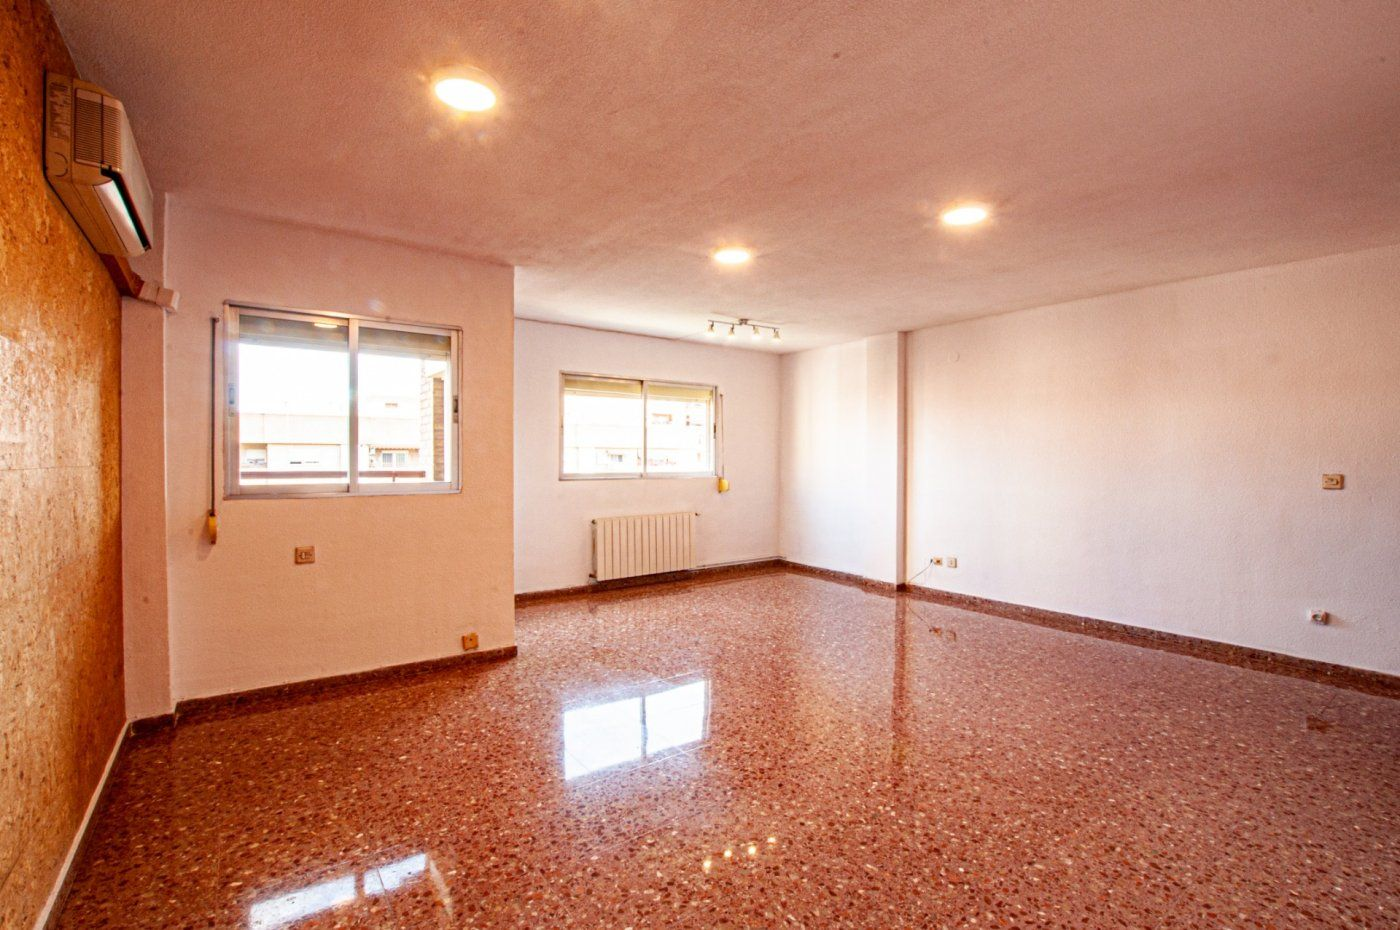 Alquiler Piso  Plaza alqueria nova. Vivienda muy luminosa y amplia sin amueblar, muy alto.